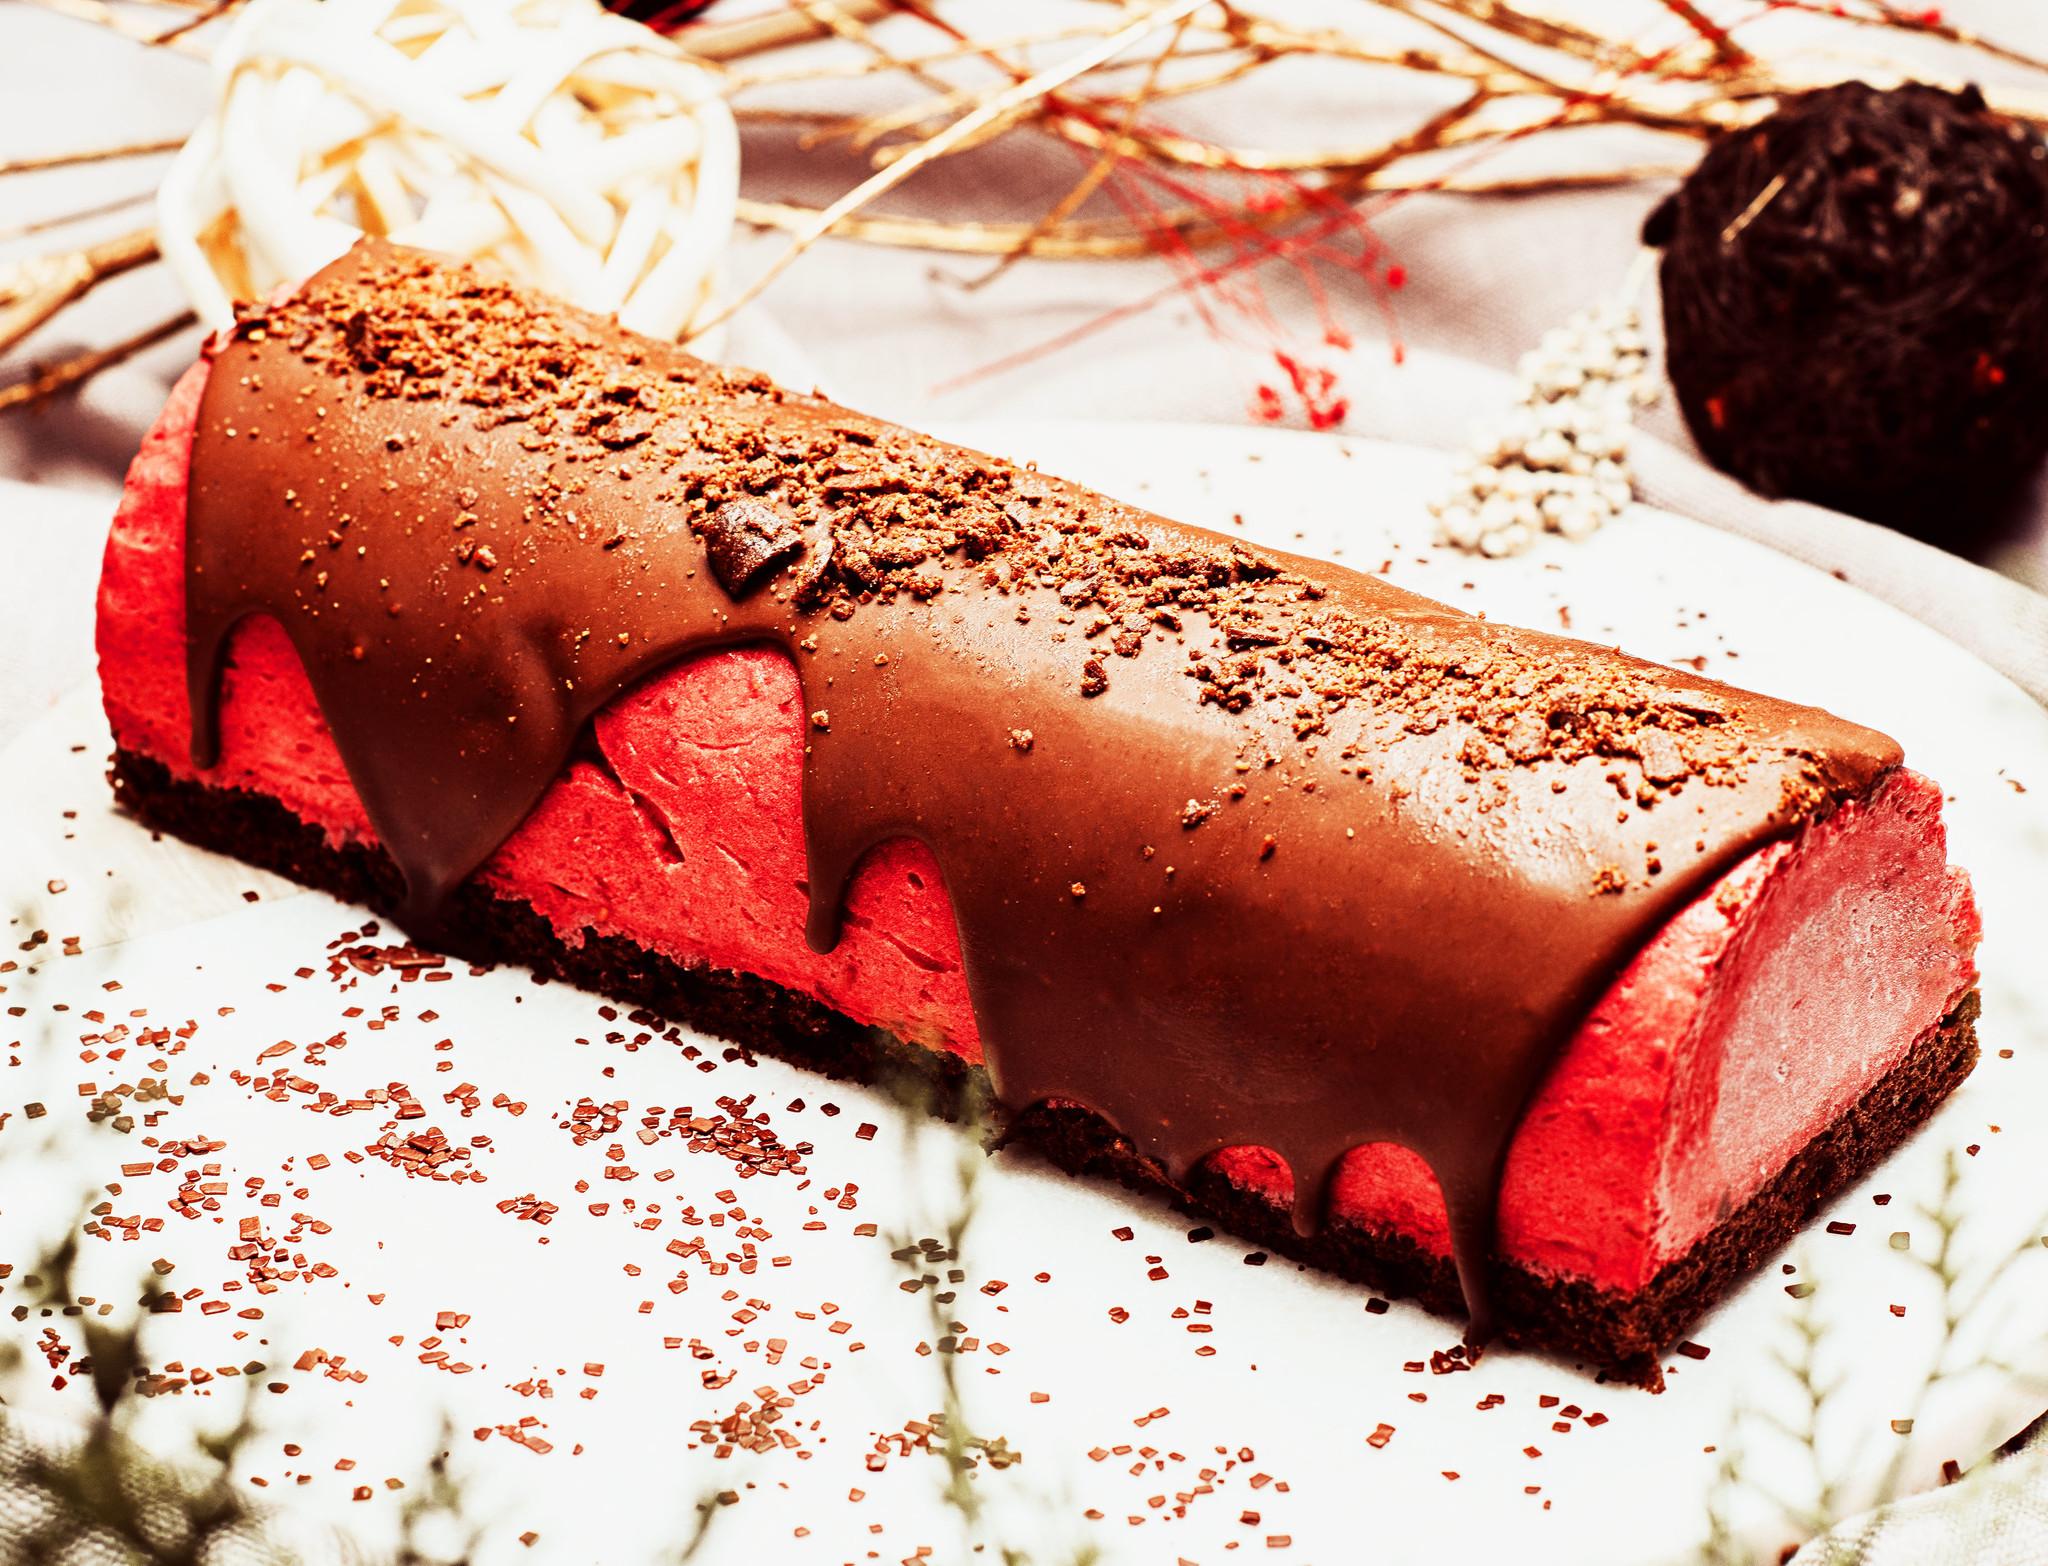 Bûche framboises & chocolat (LIQUIDATION, prix régulier: 20.00)